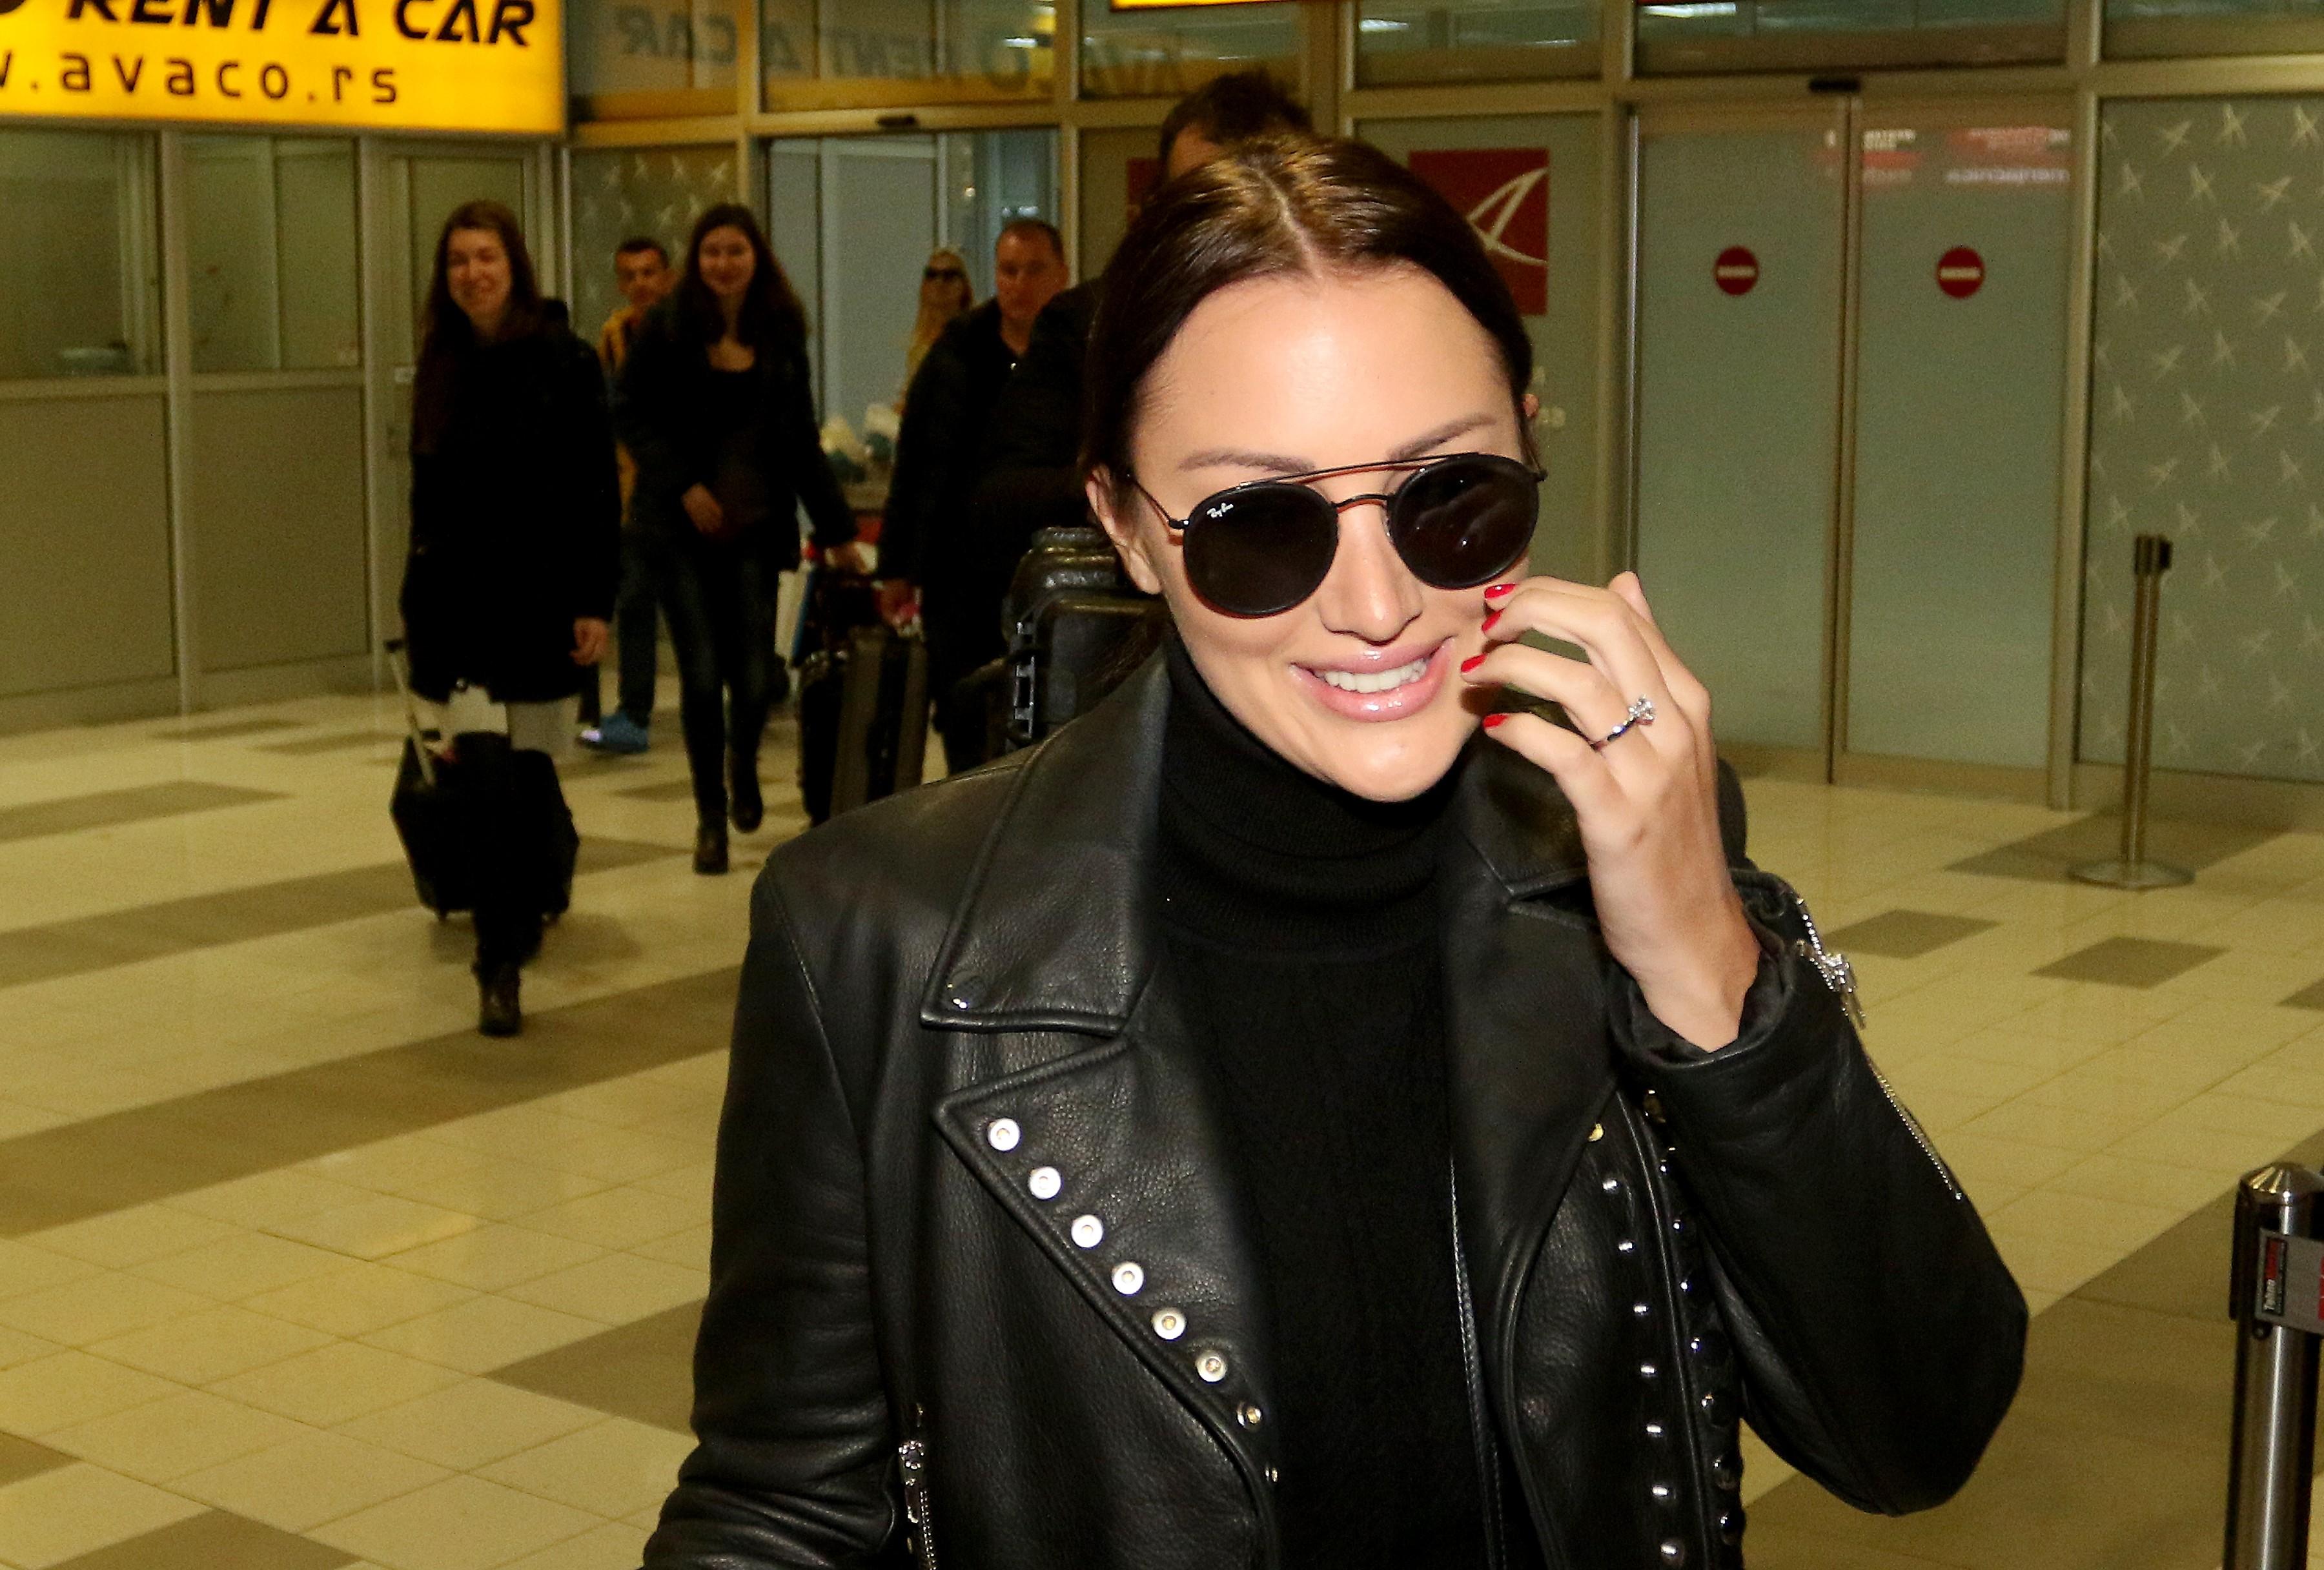 Aleksandra i Filip stigli u Beograd, ona ponosno prošetala verenički prsten, a tek da vidite ko ih je dočekao na aerodromu! (FOTO)